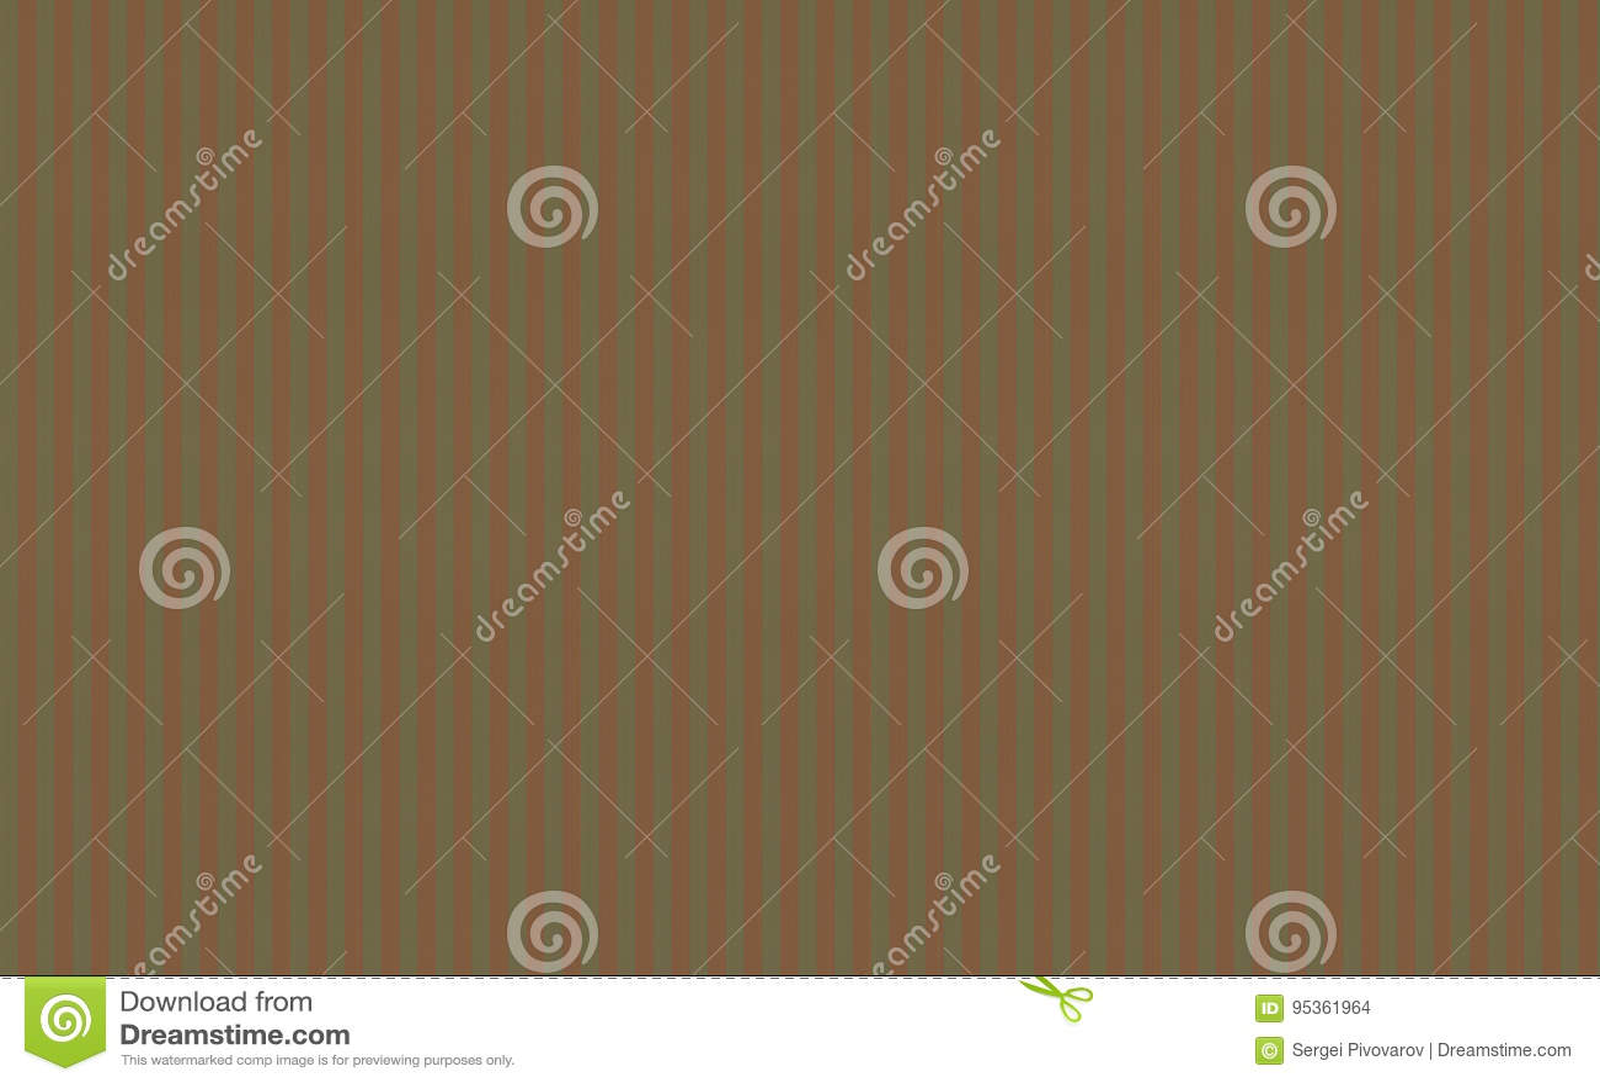 Base mediterrânea do estilo da textura do fundo da cor verde-oliva caqui da lona com vertical alaranjado vermelho